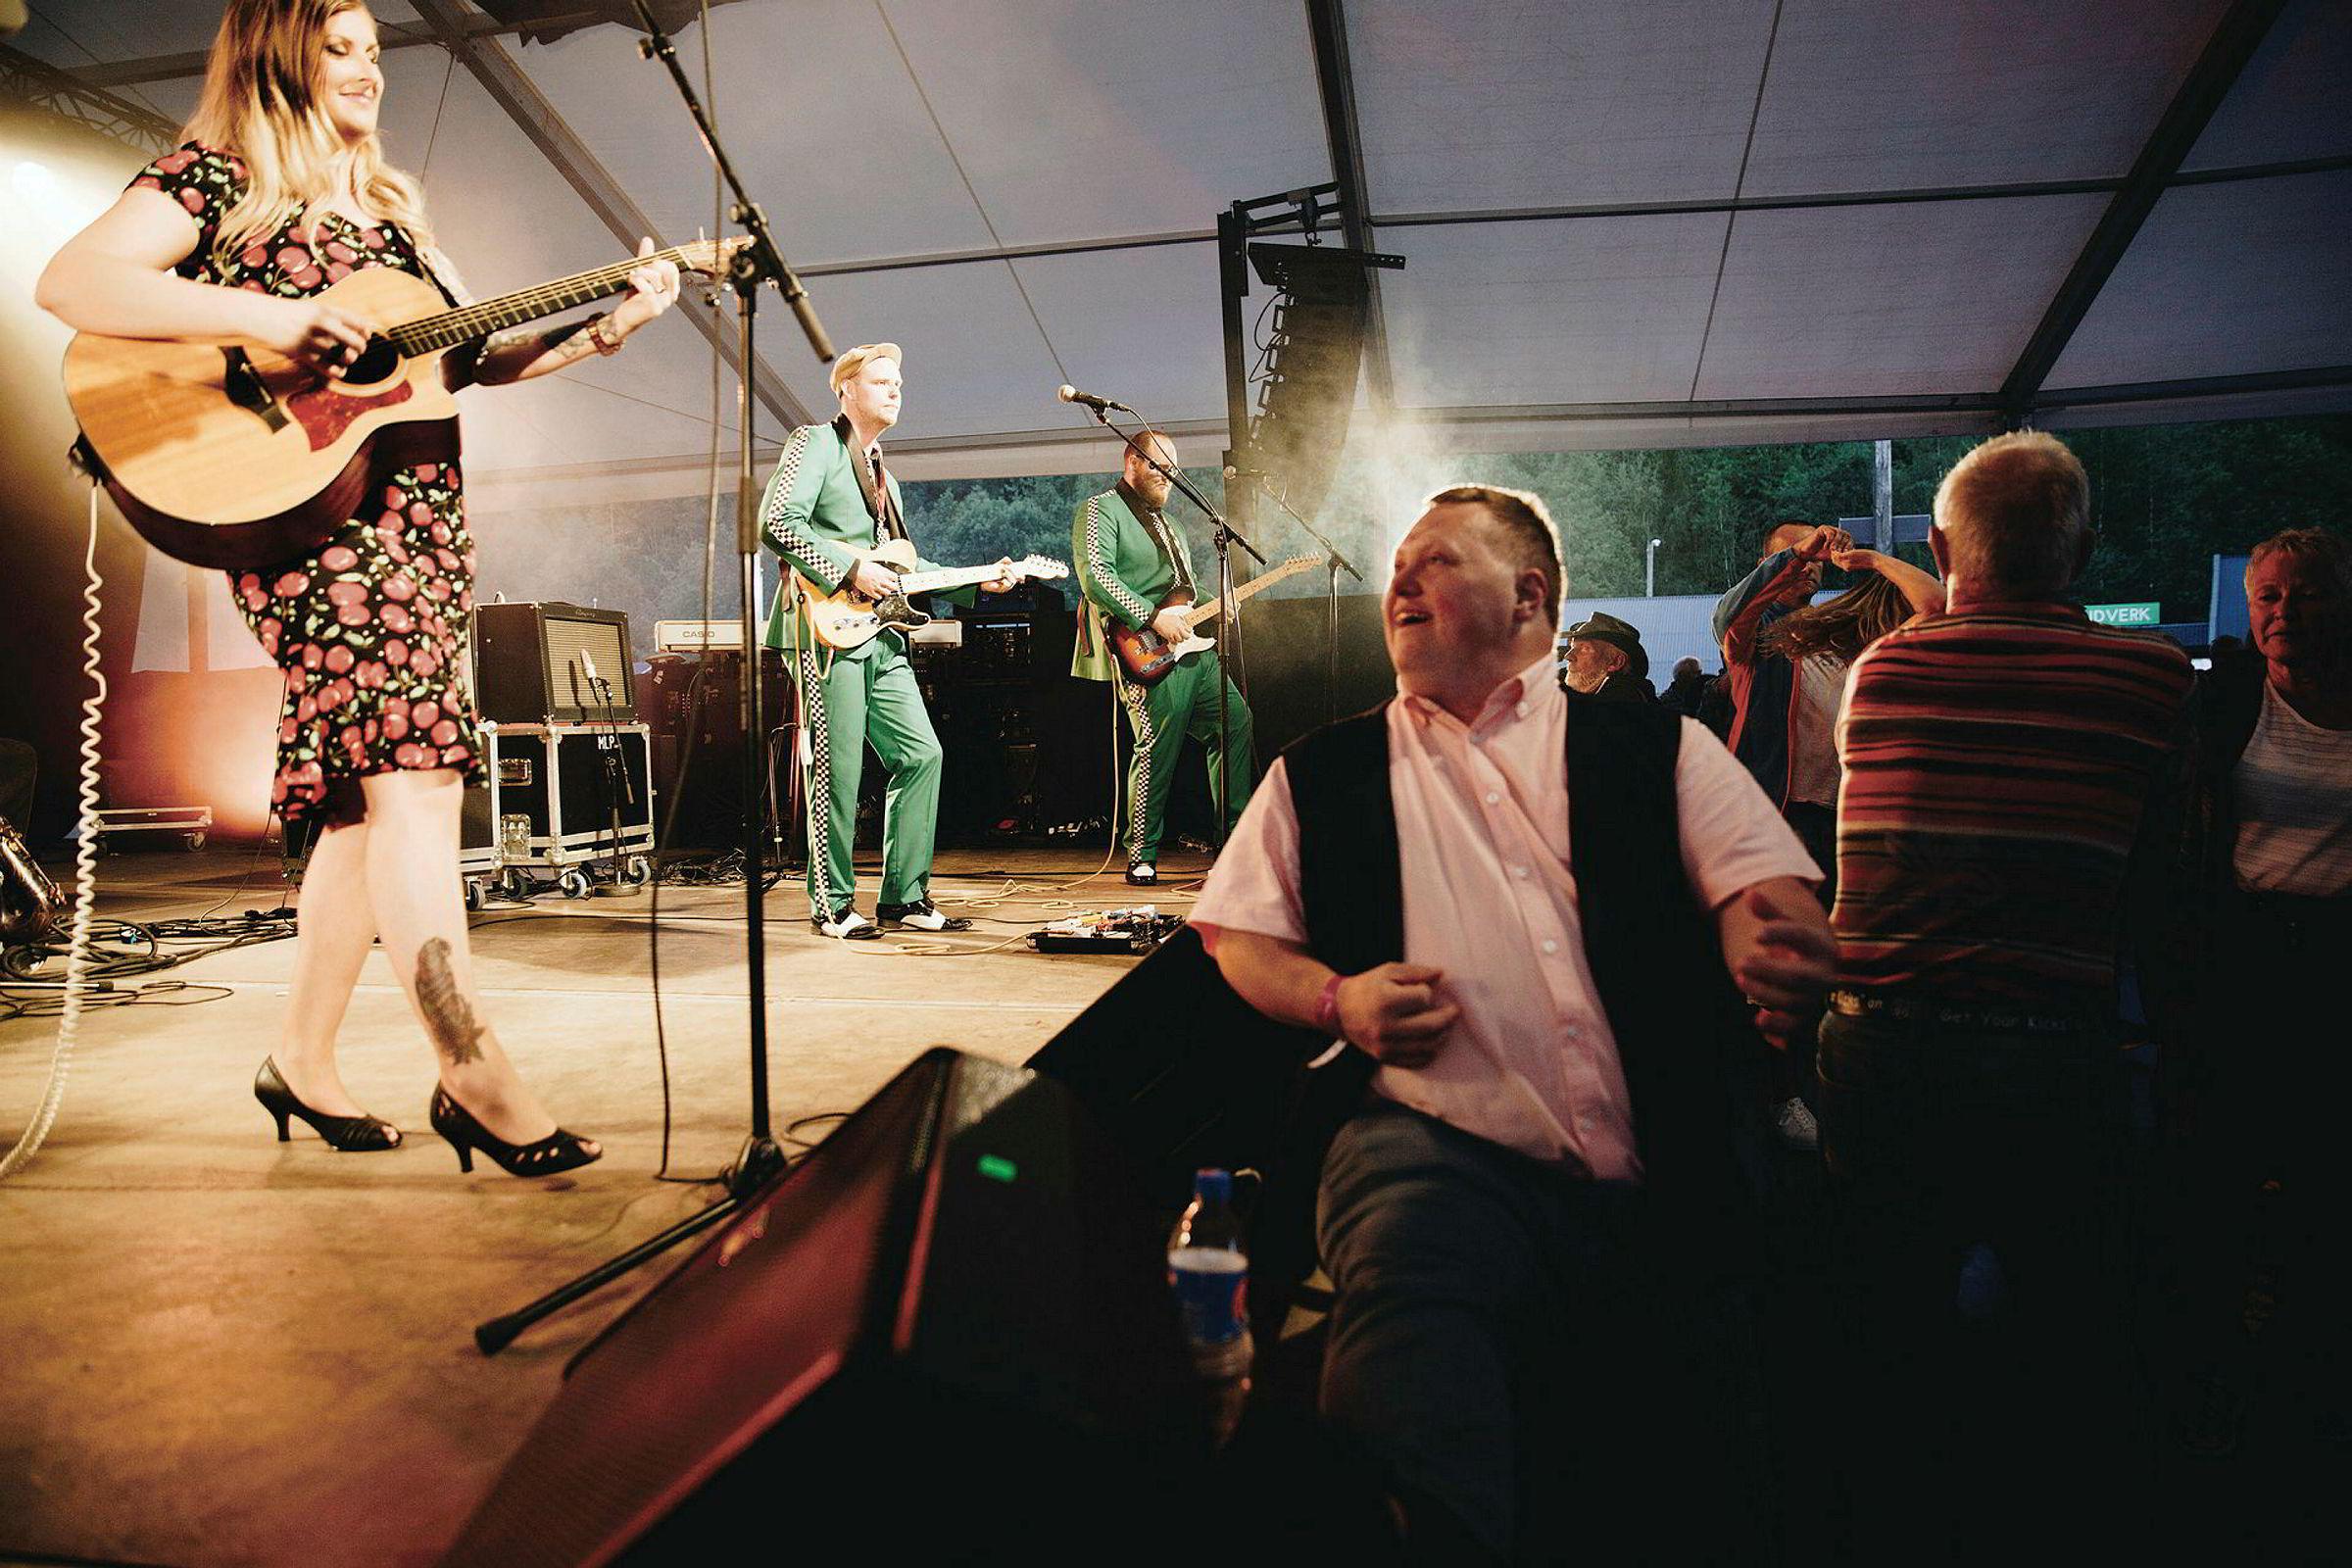 446ce9107 Fotobokanmeldelse: Peter Beste & Heidi Stavrum, «Dans med meg: Kos ...